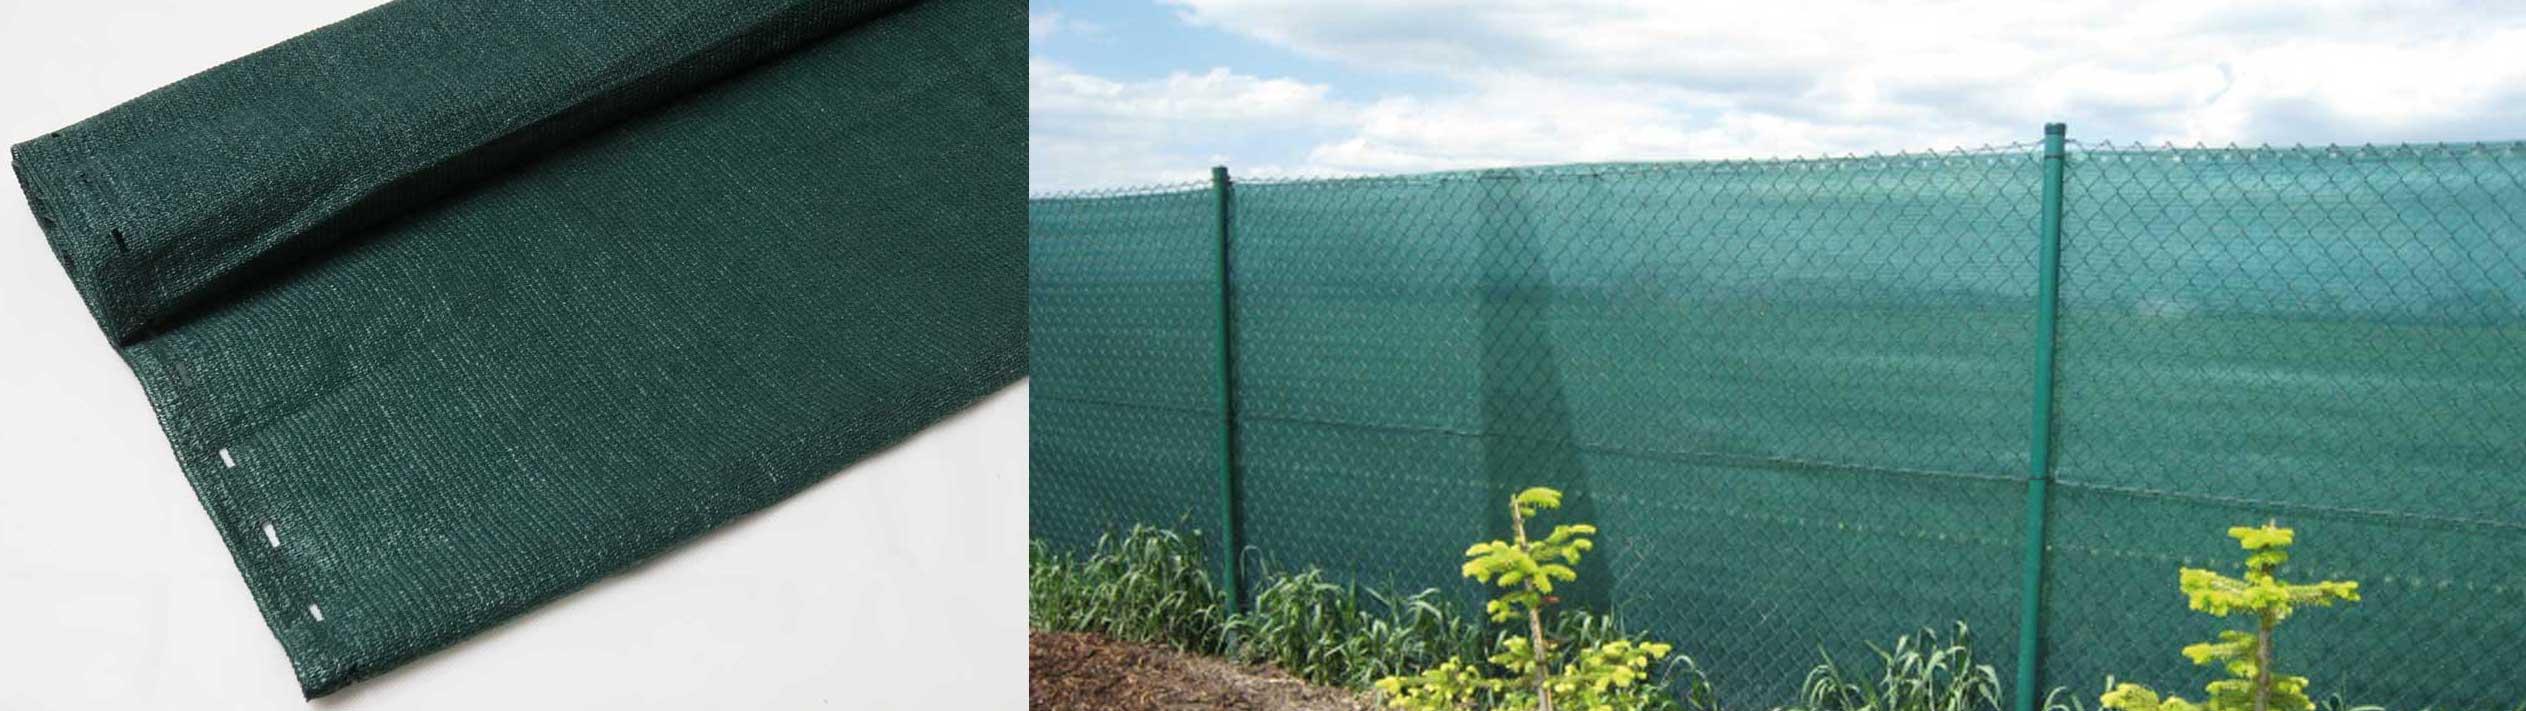 Sichtschutznetze für Zäune